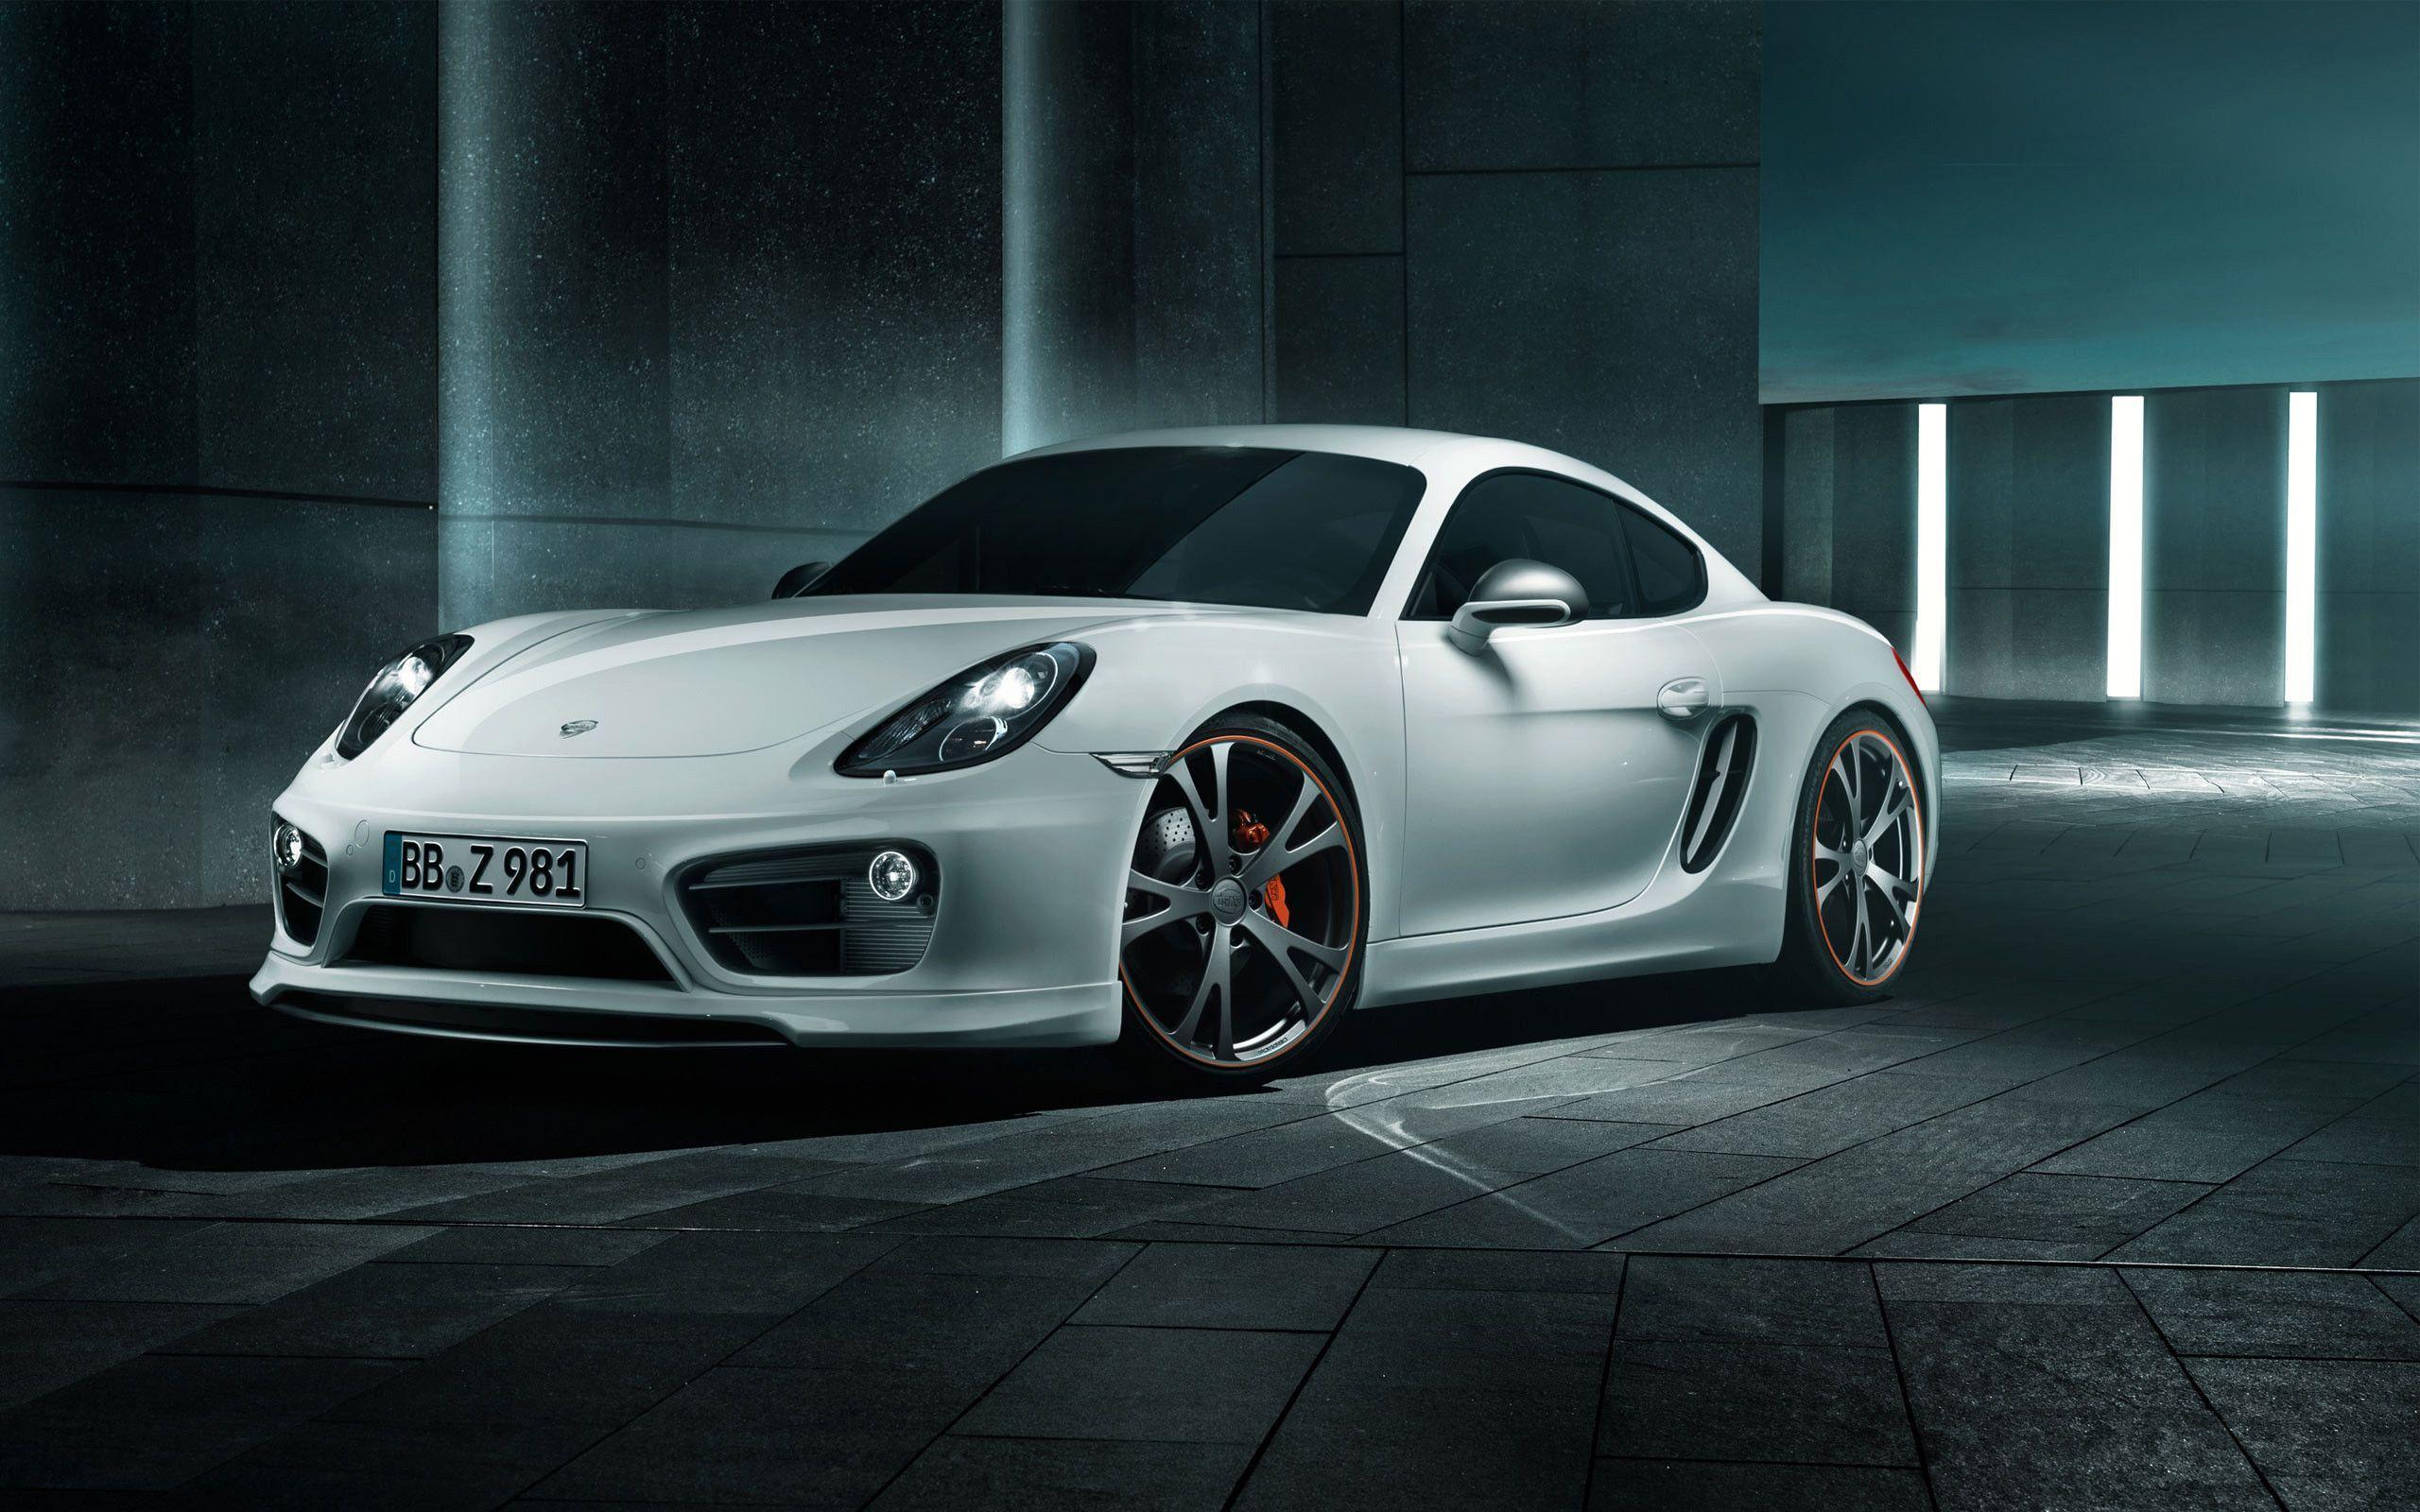 2013 porsche cayman by techart wallpapers hd wallpapers - Porsche Wallpapers For Desktop